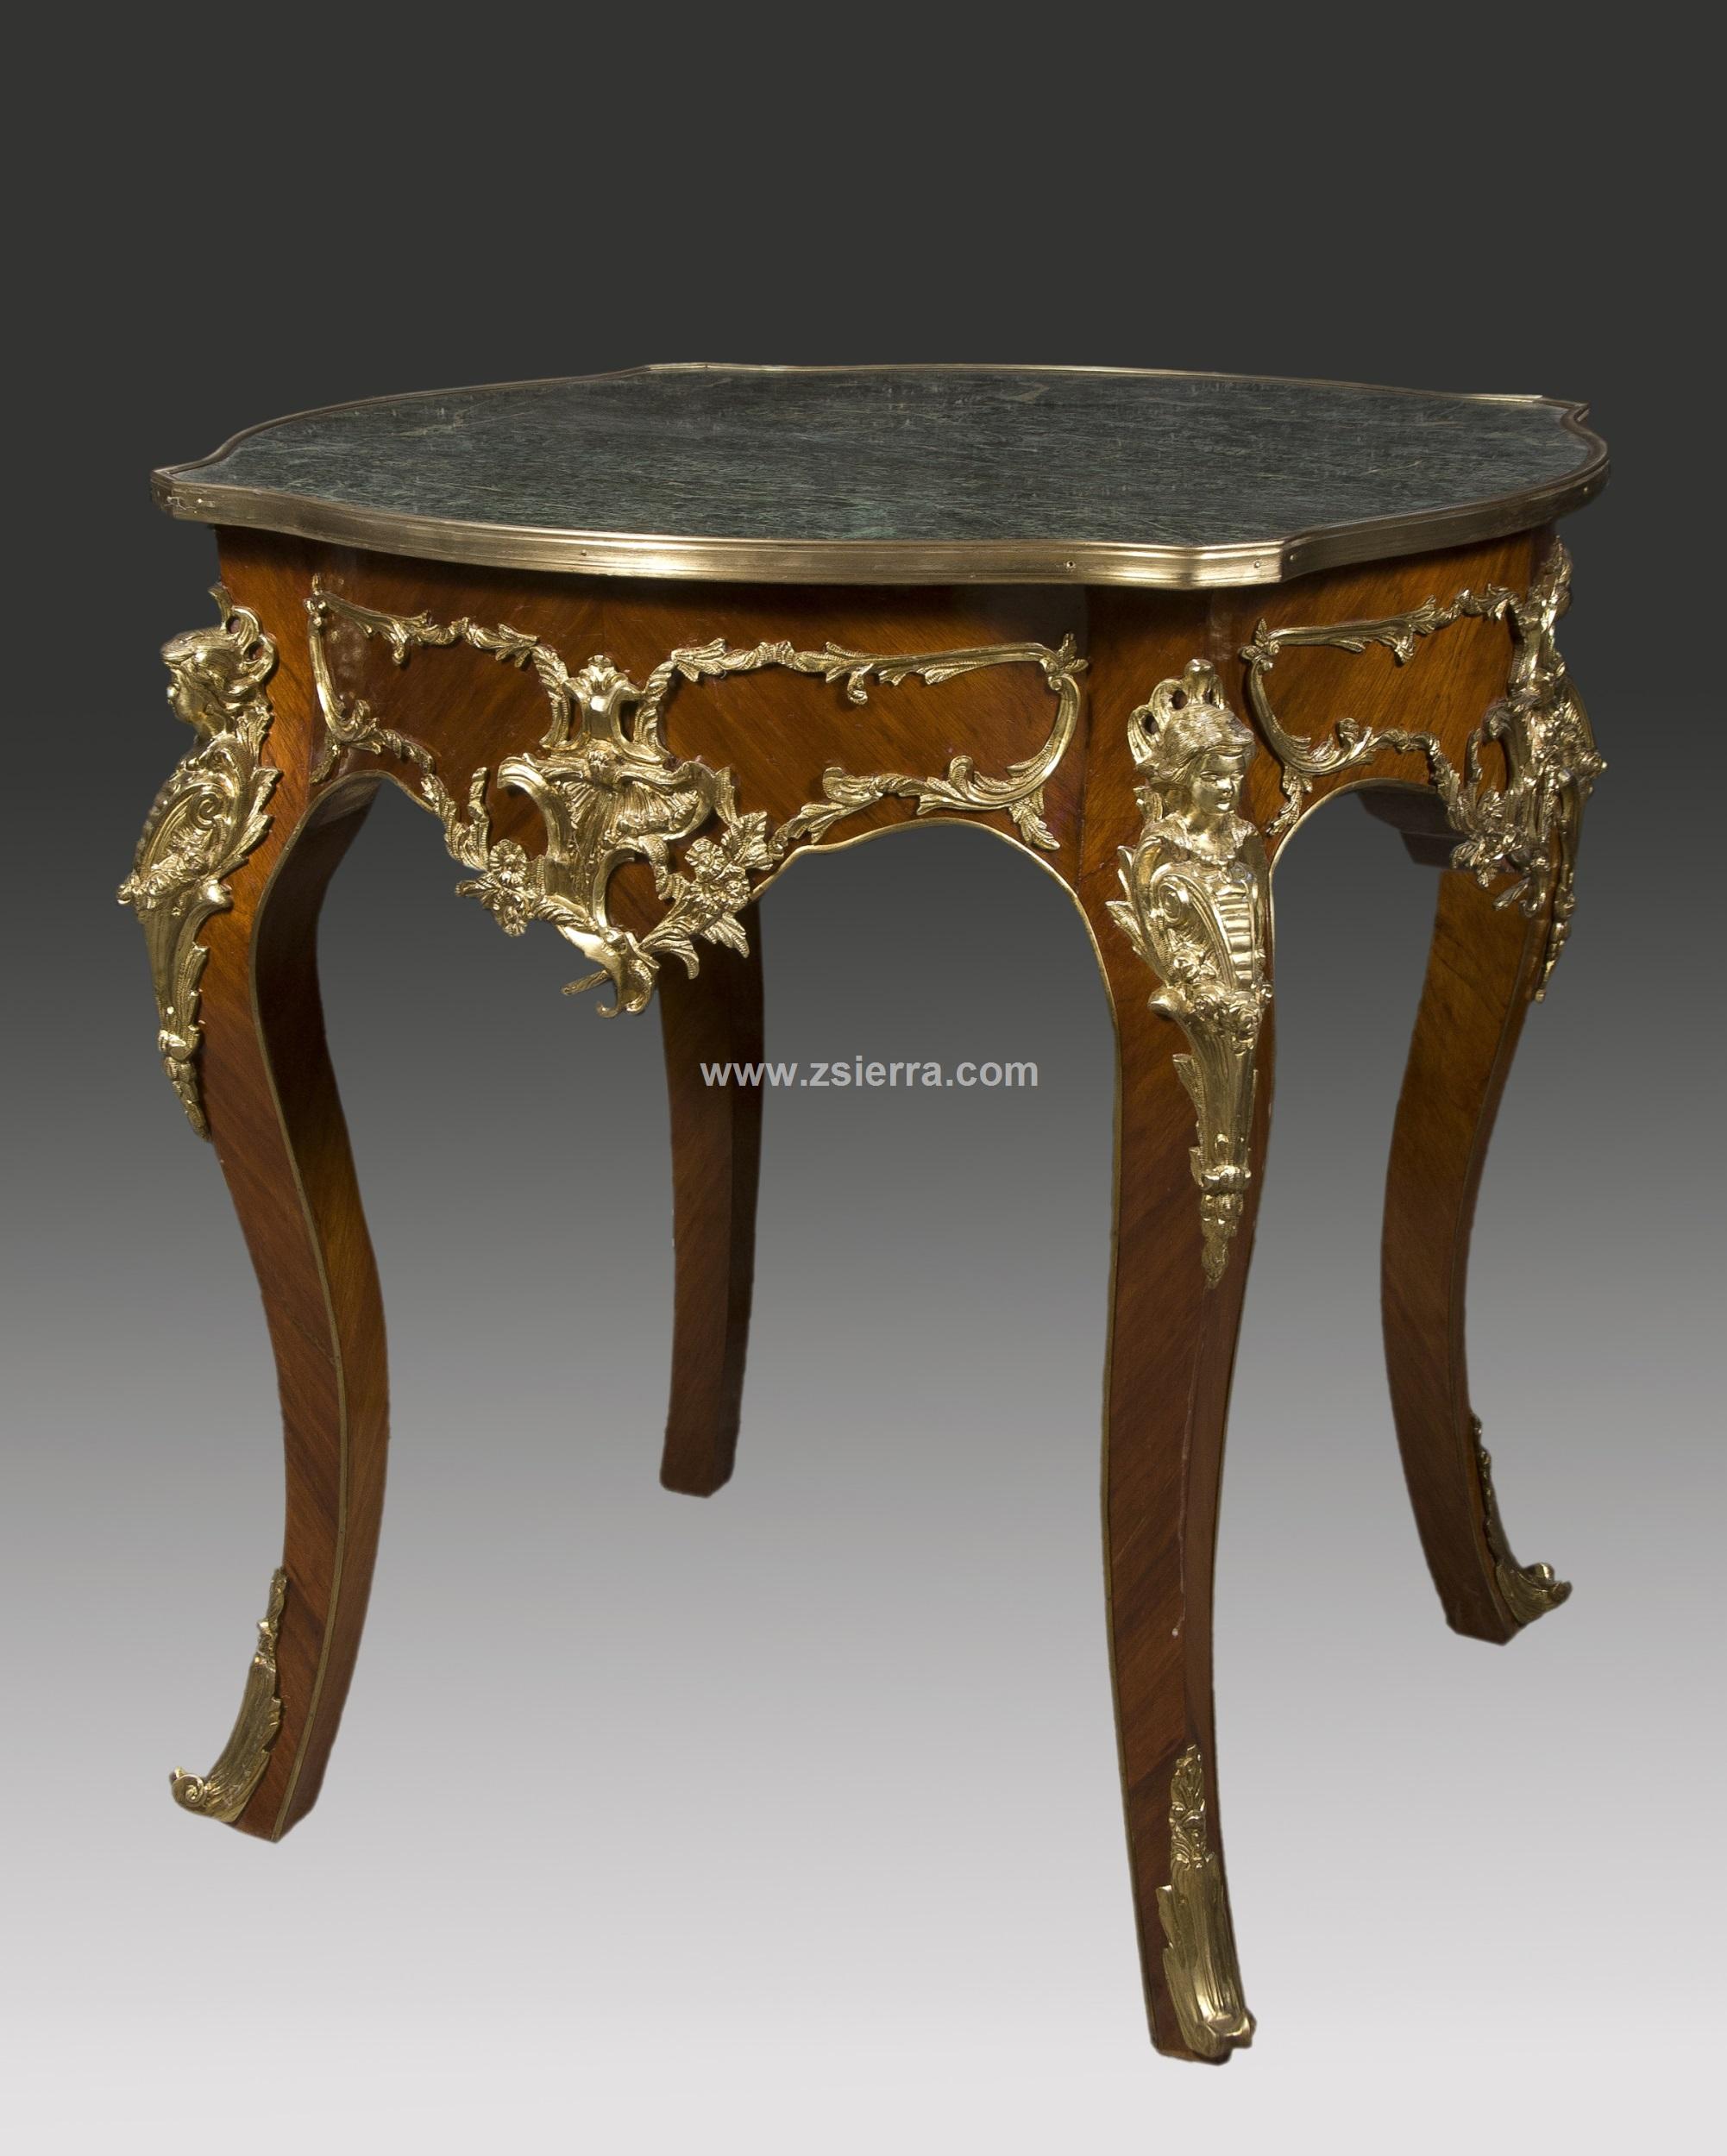 Z sierra antig edades y objetos de decoraci n mesa de for Mesas de madera precios